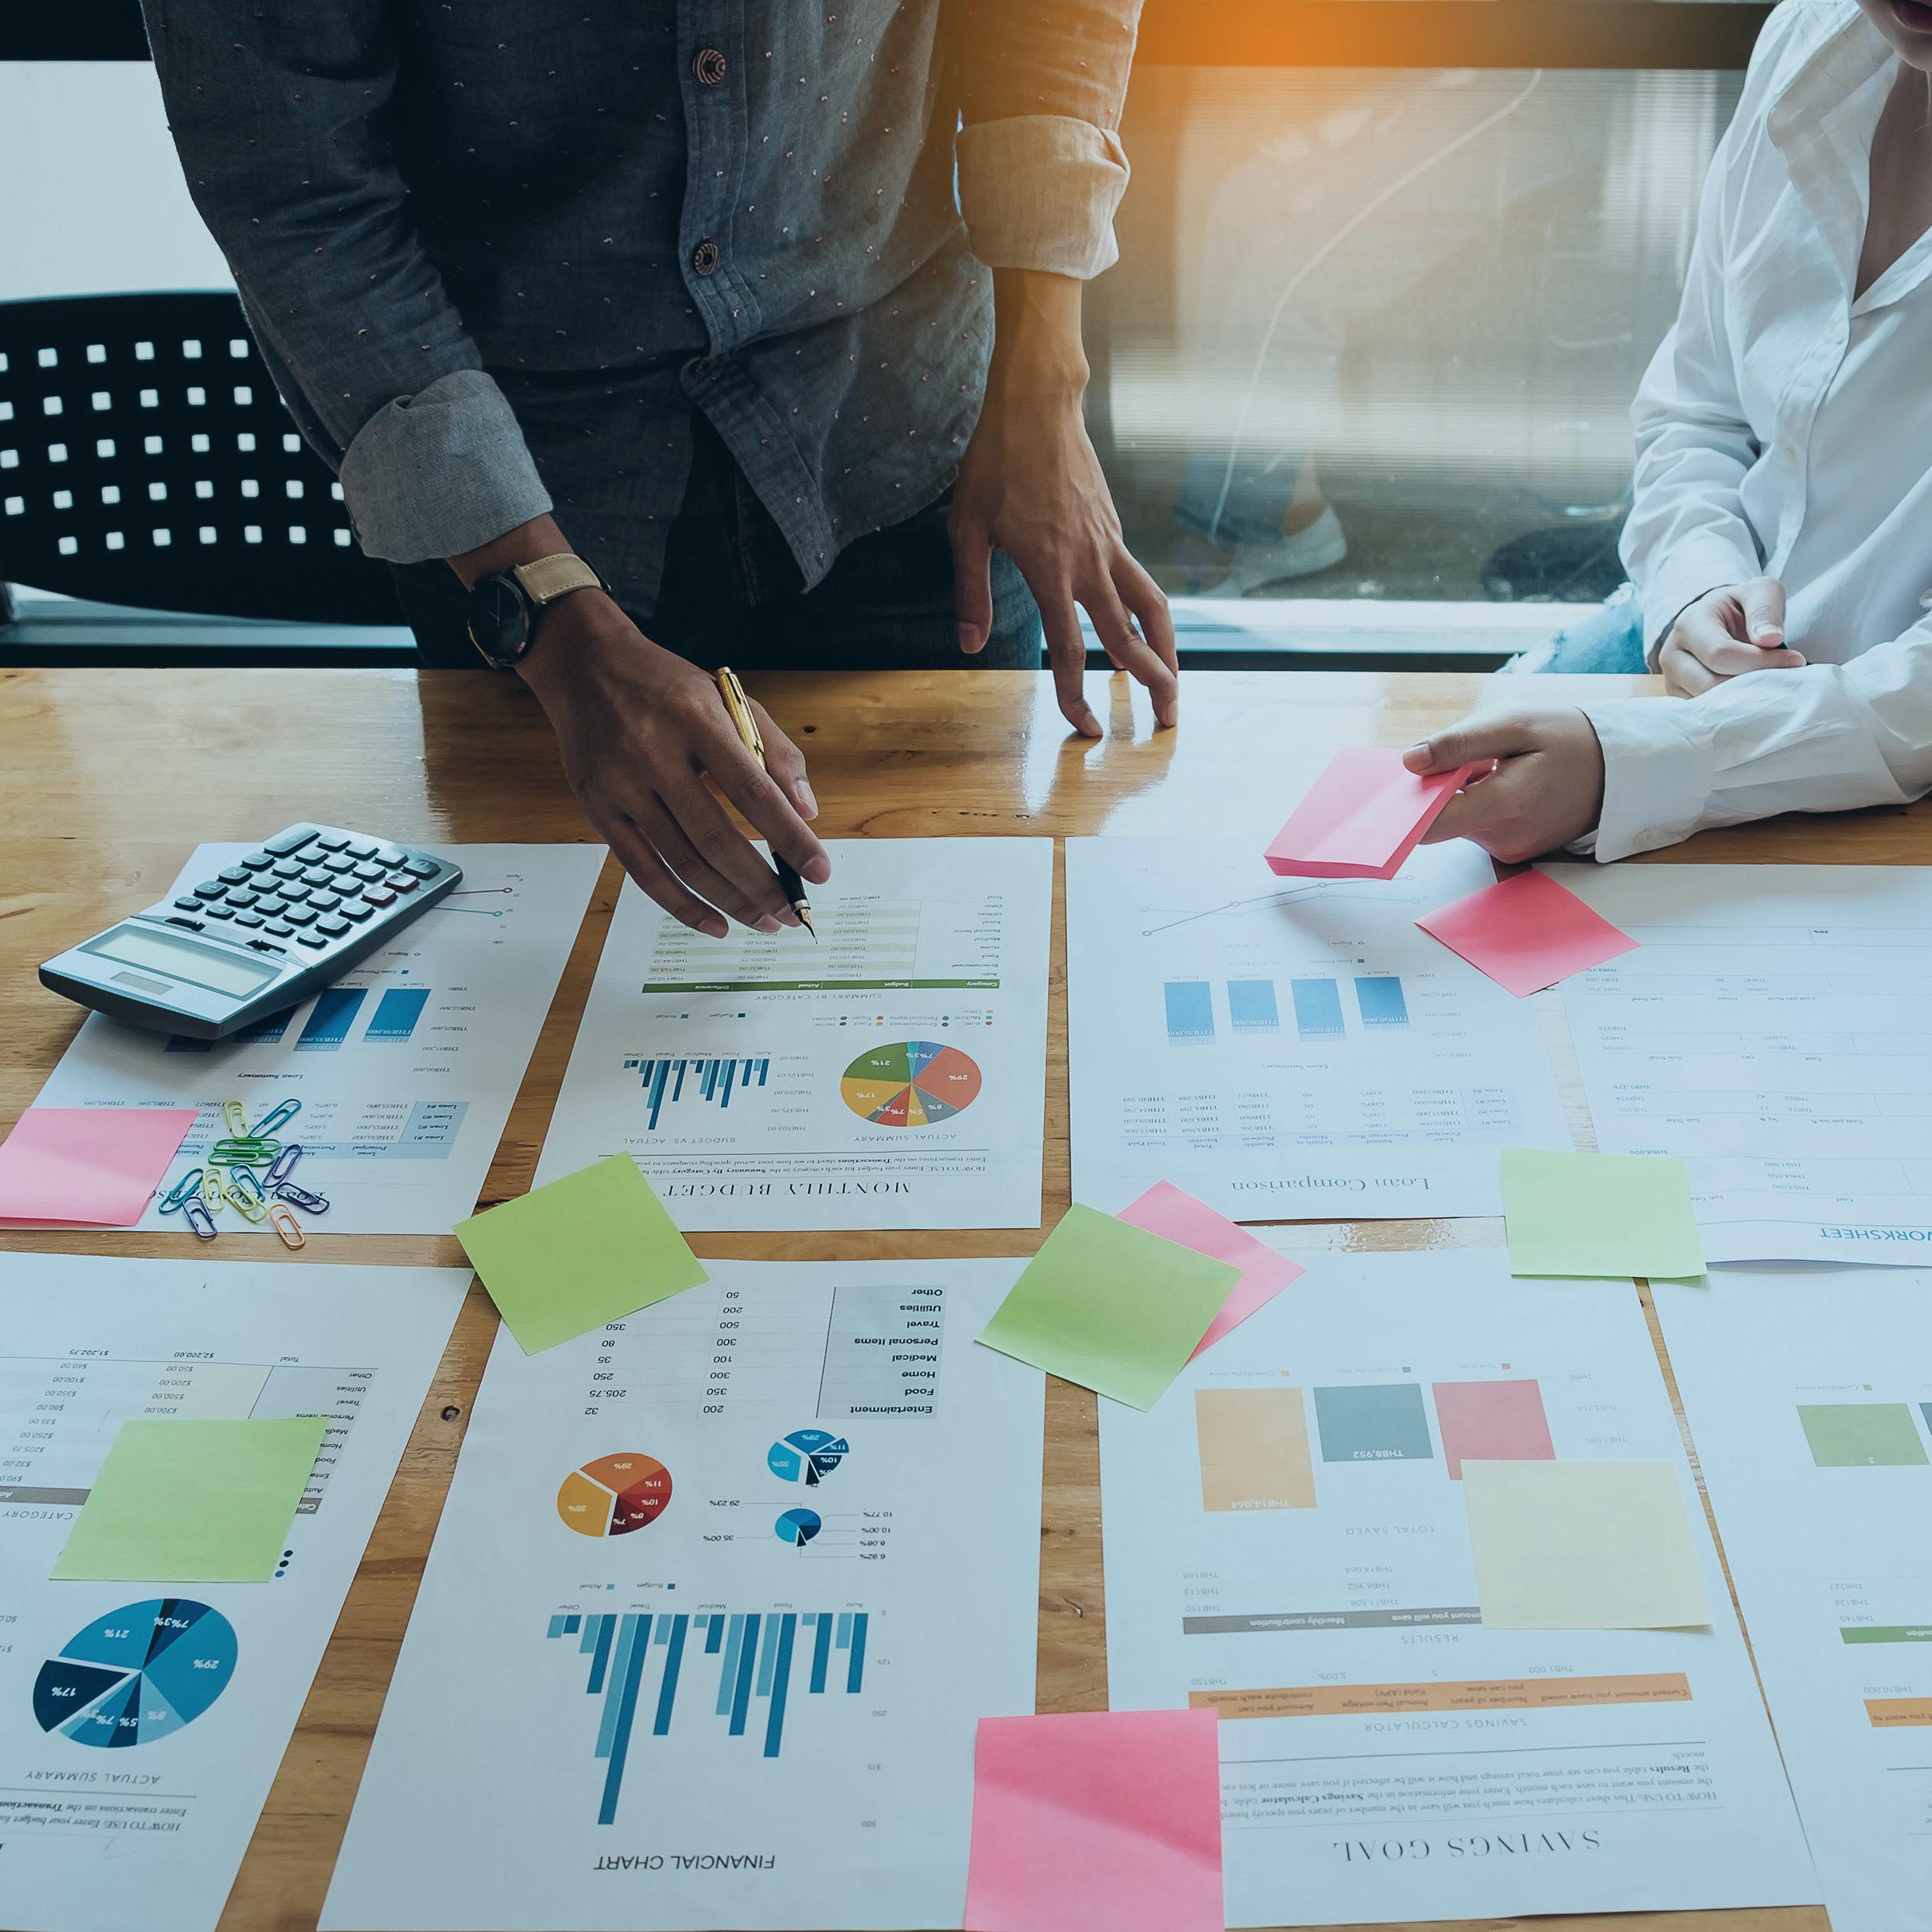 Leute besprechen Projektdiagramme